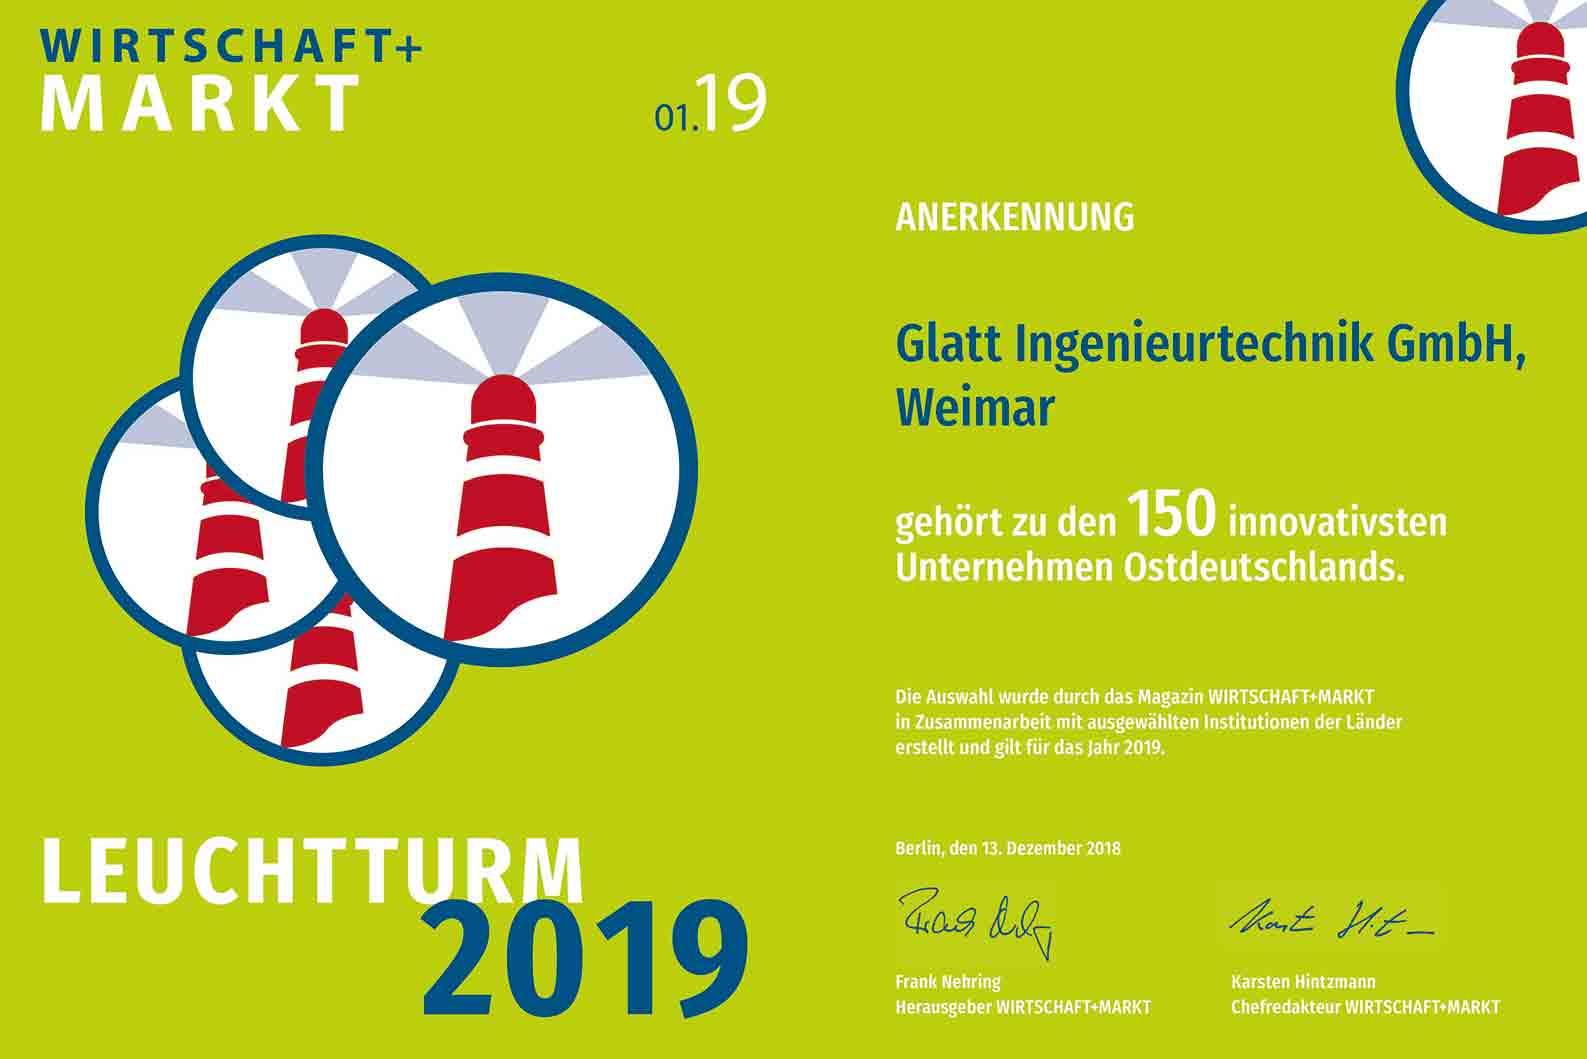 Glatt Ingenieurtechnik GmbH gehört zu den 150 innovativsten Unternehmen Ostdeutschlands